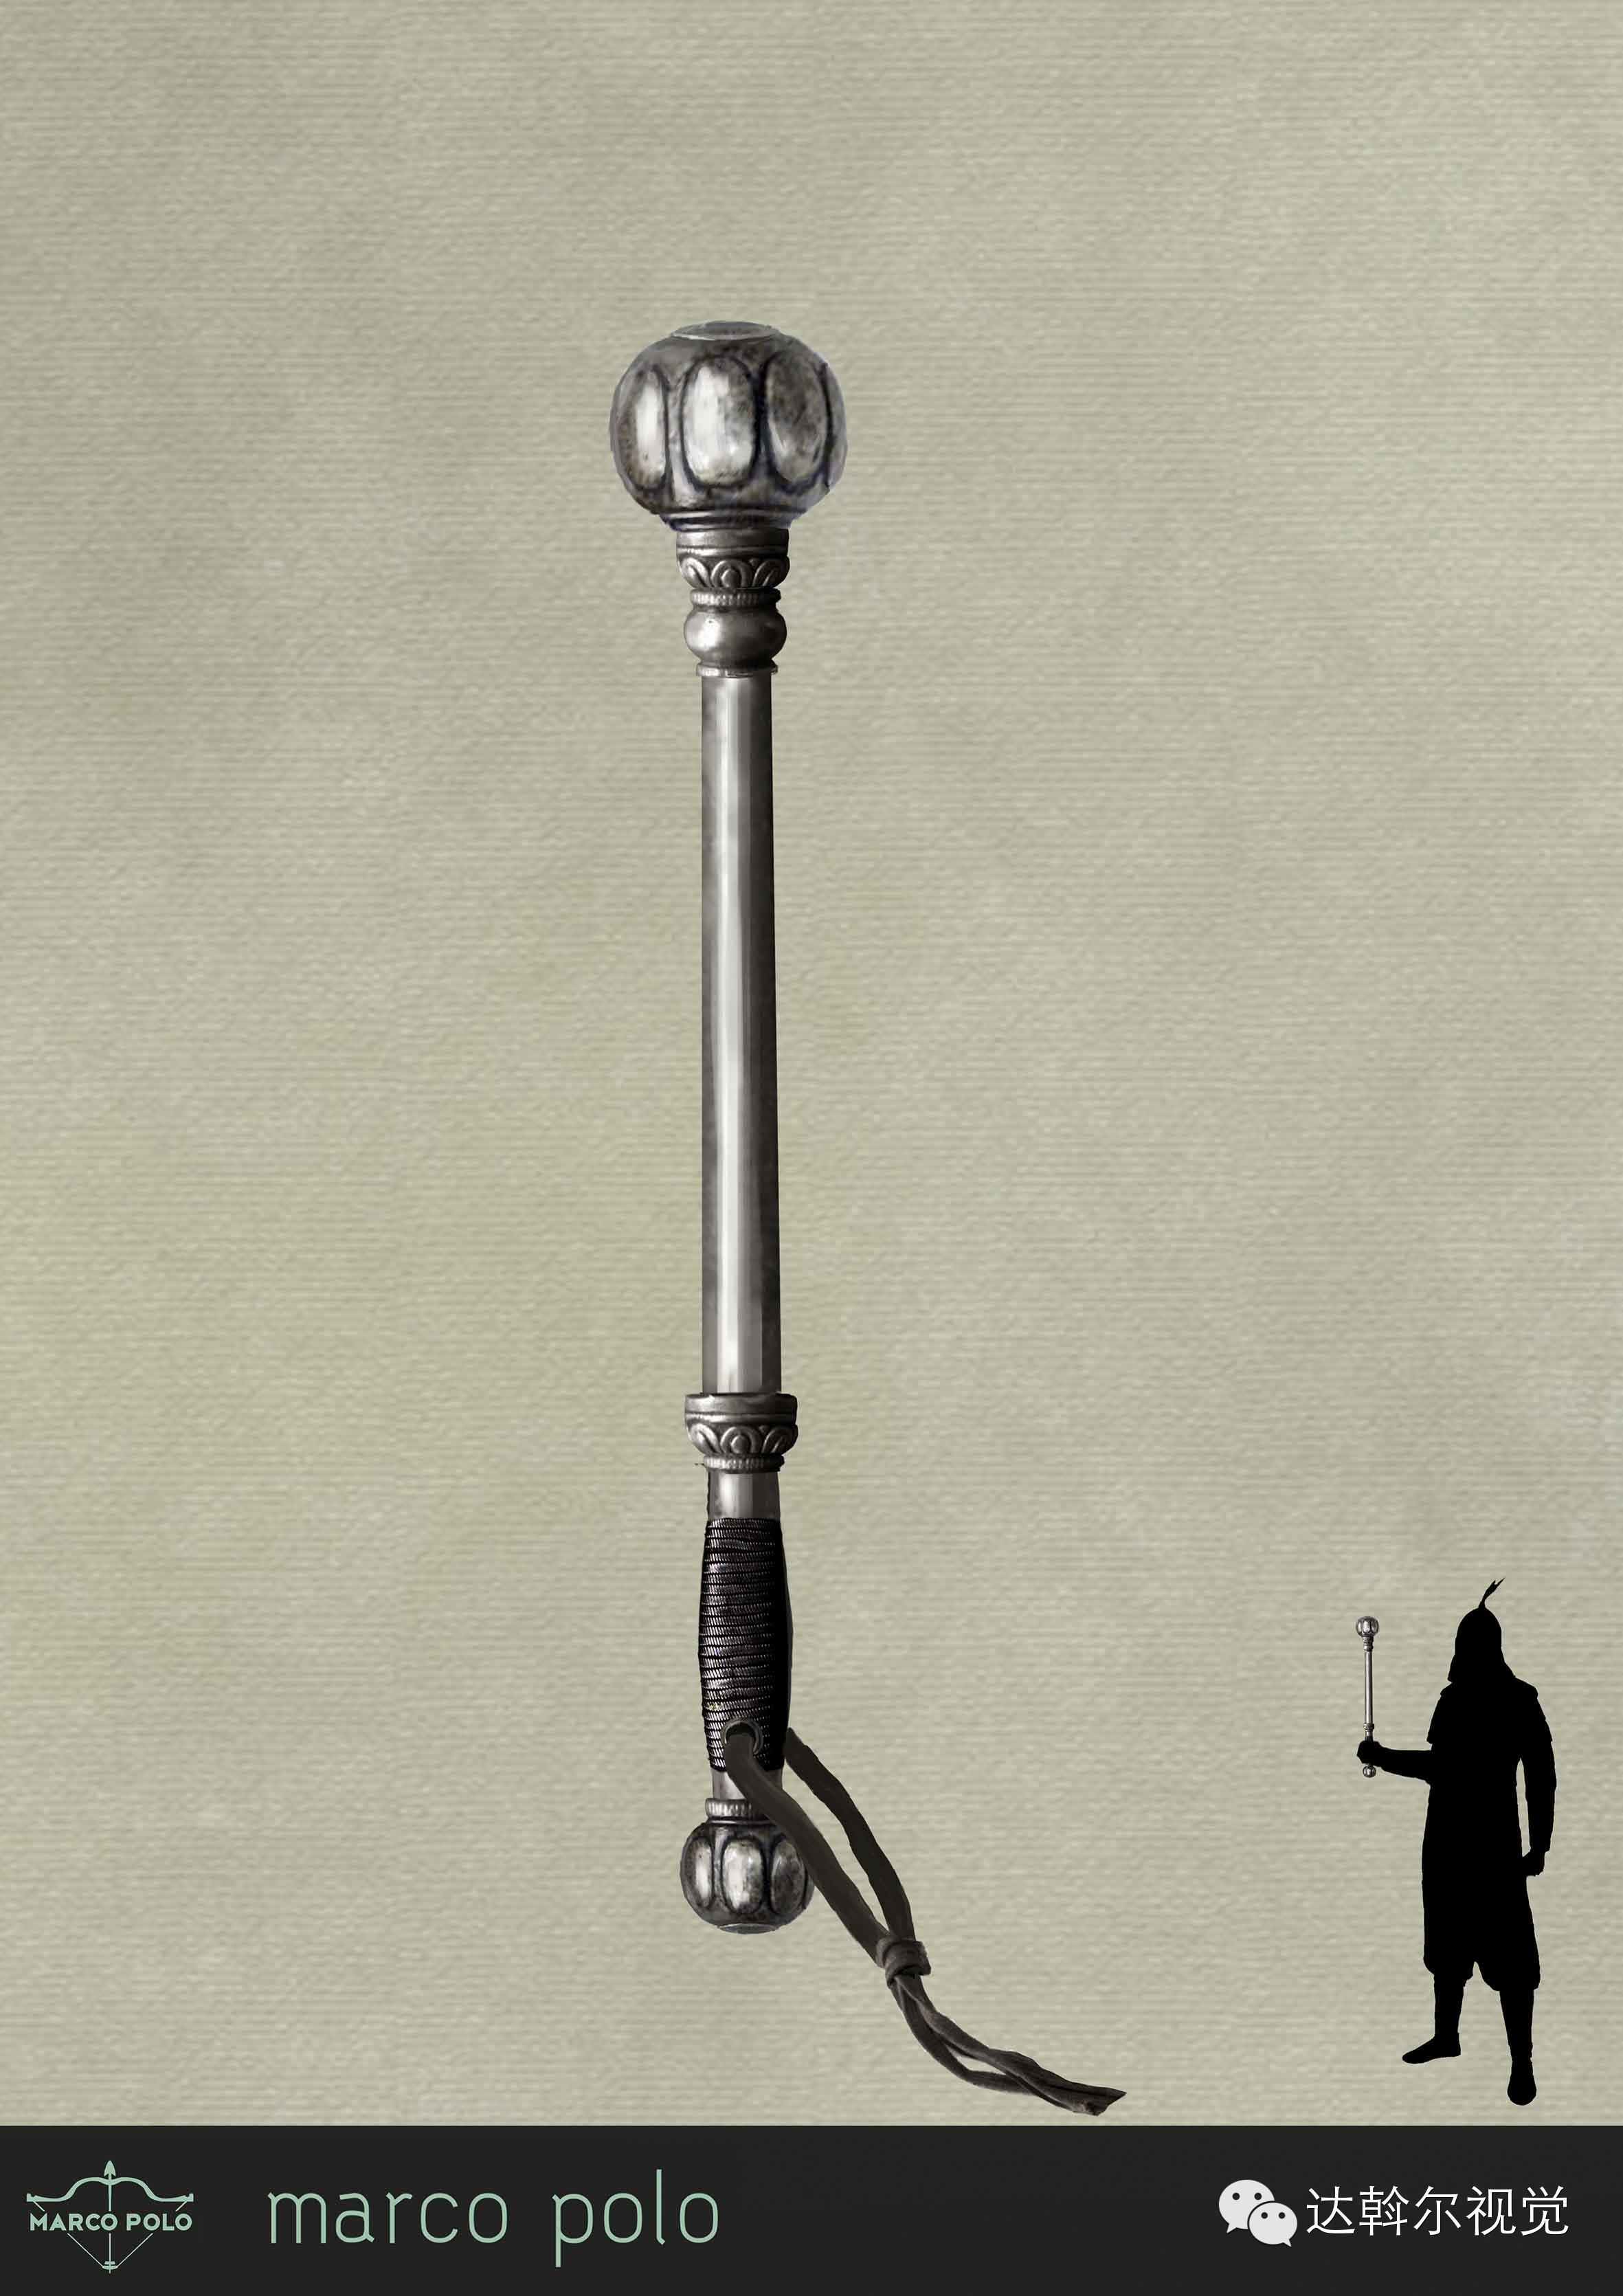 蒙古题材美剧《马可波罗》兵器设计欣赏 第17张